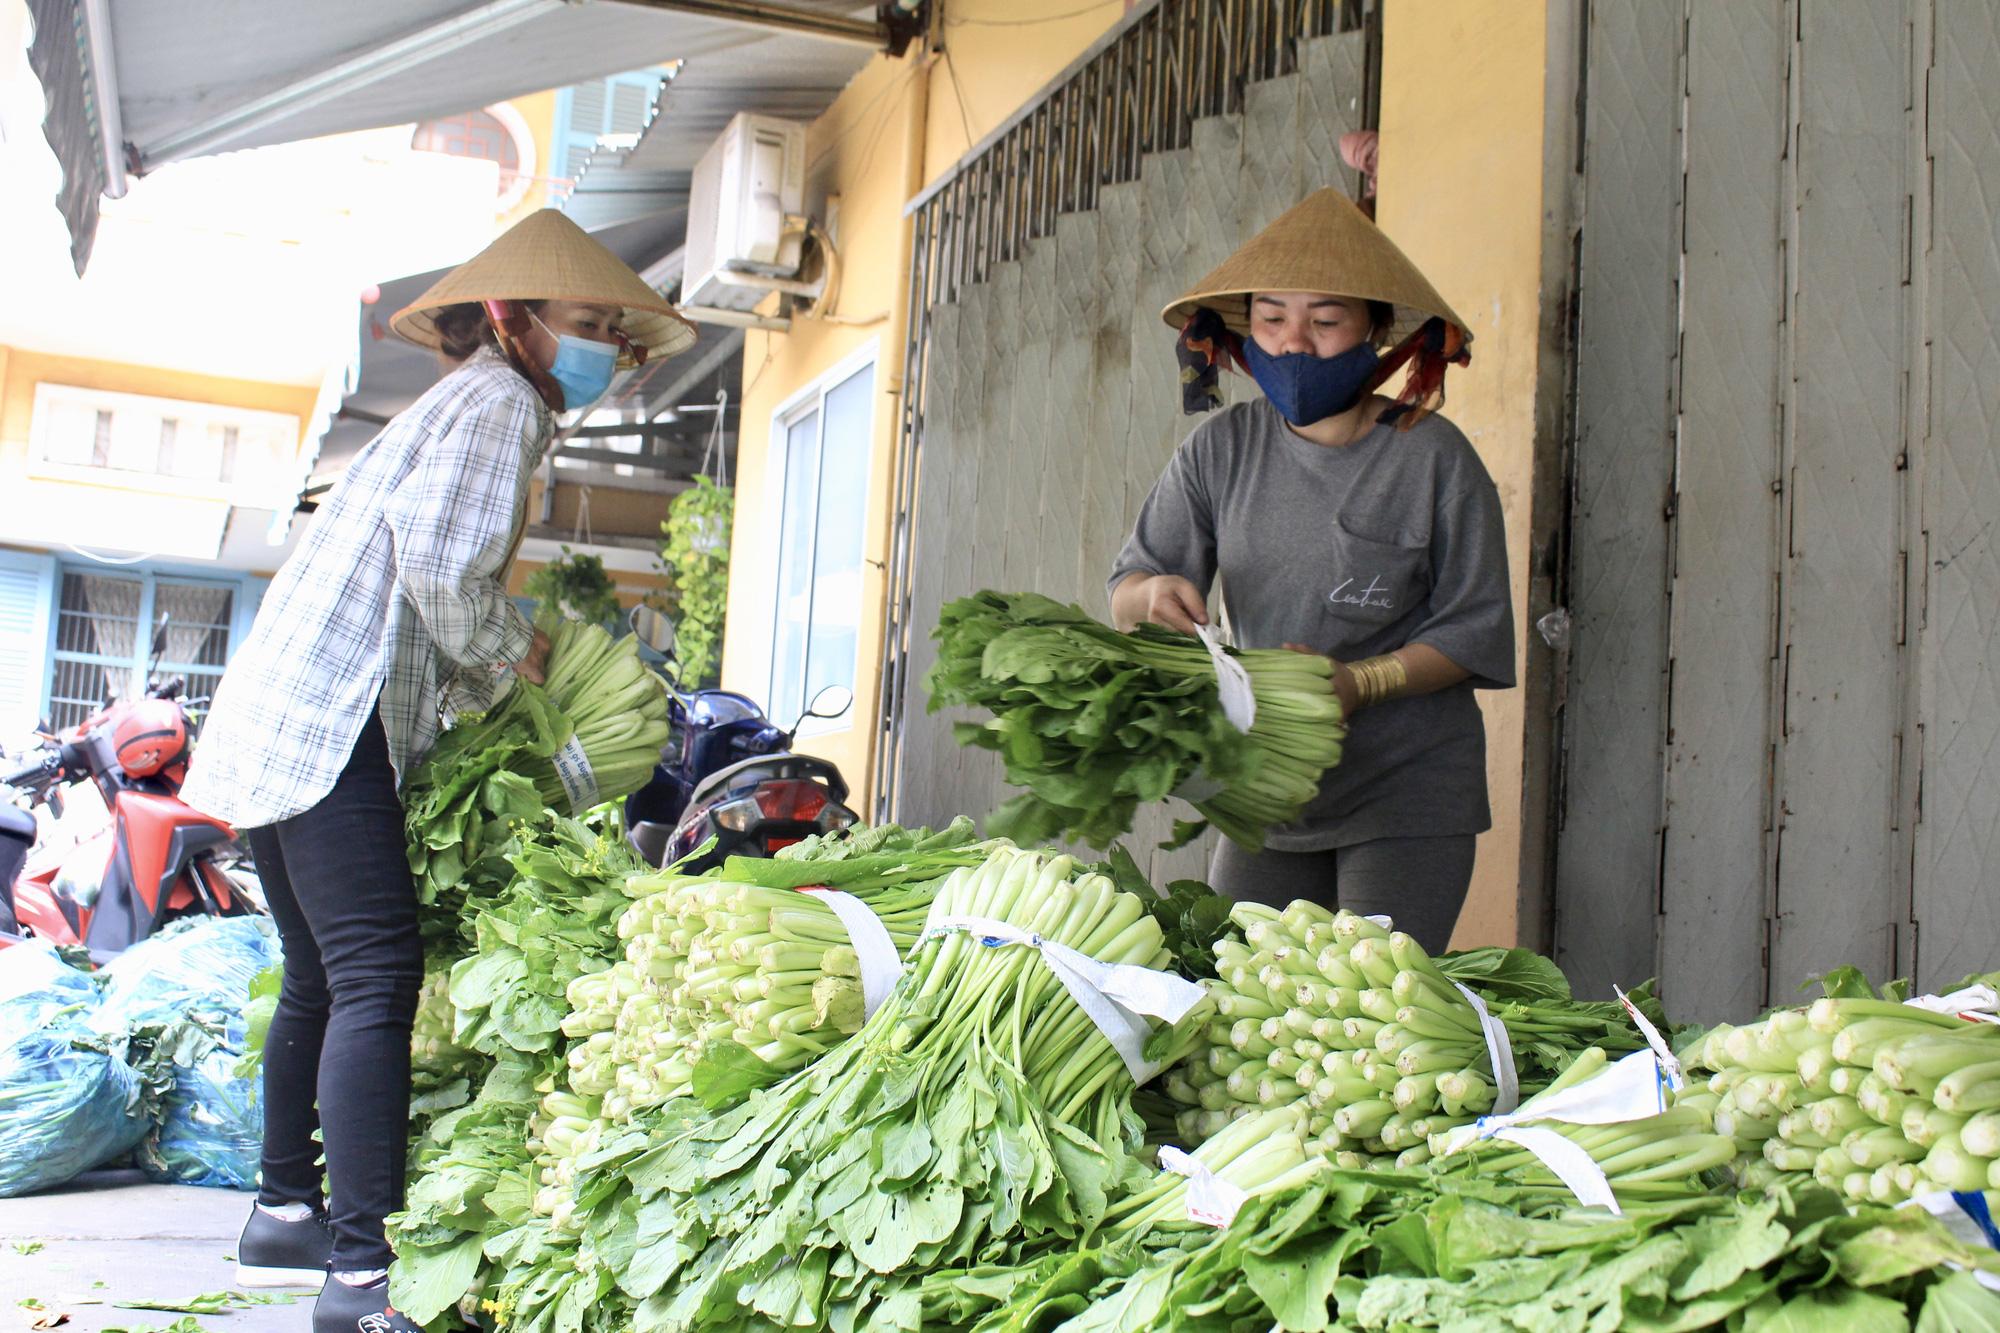 Ảnh: Cảm động người dân TP.HCM ùn ùn giải cứu rau củ Hải Dương, bưởi đặc sản hỗ trợ nông dân - Ảnh 8.